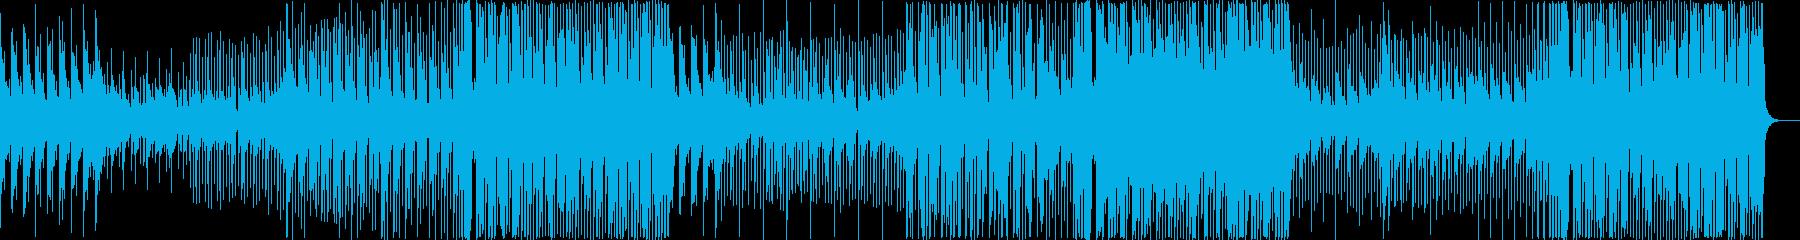 おしゃれ 洋楽 EDM クールの再生済みの波形